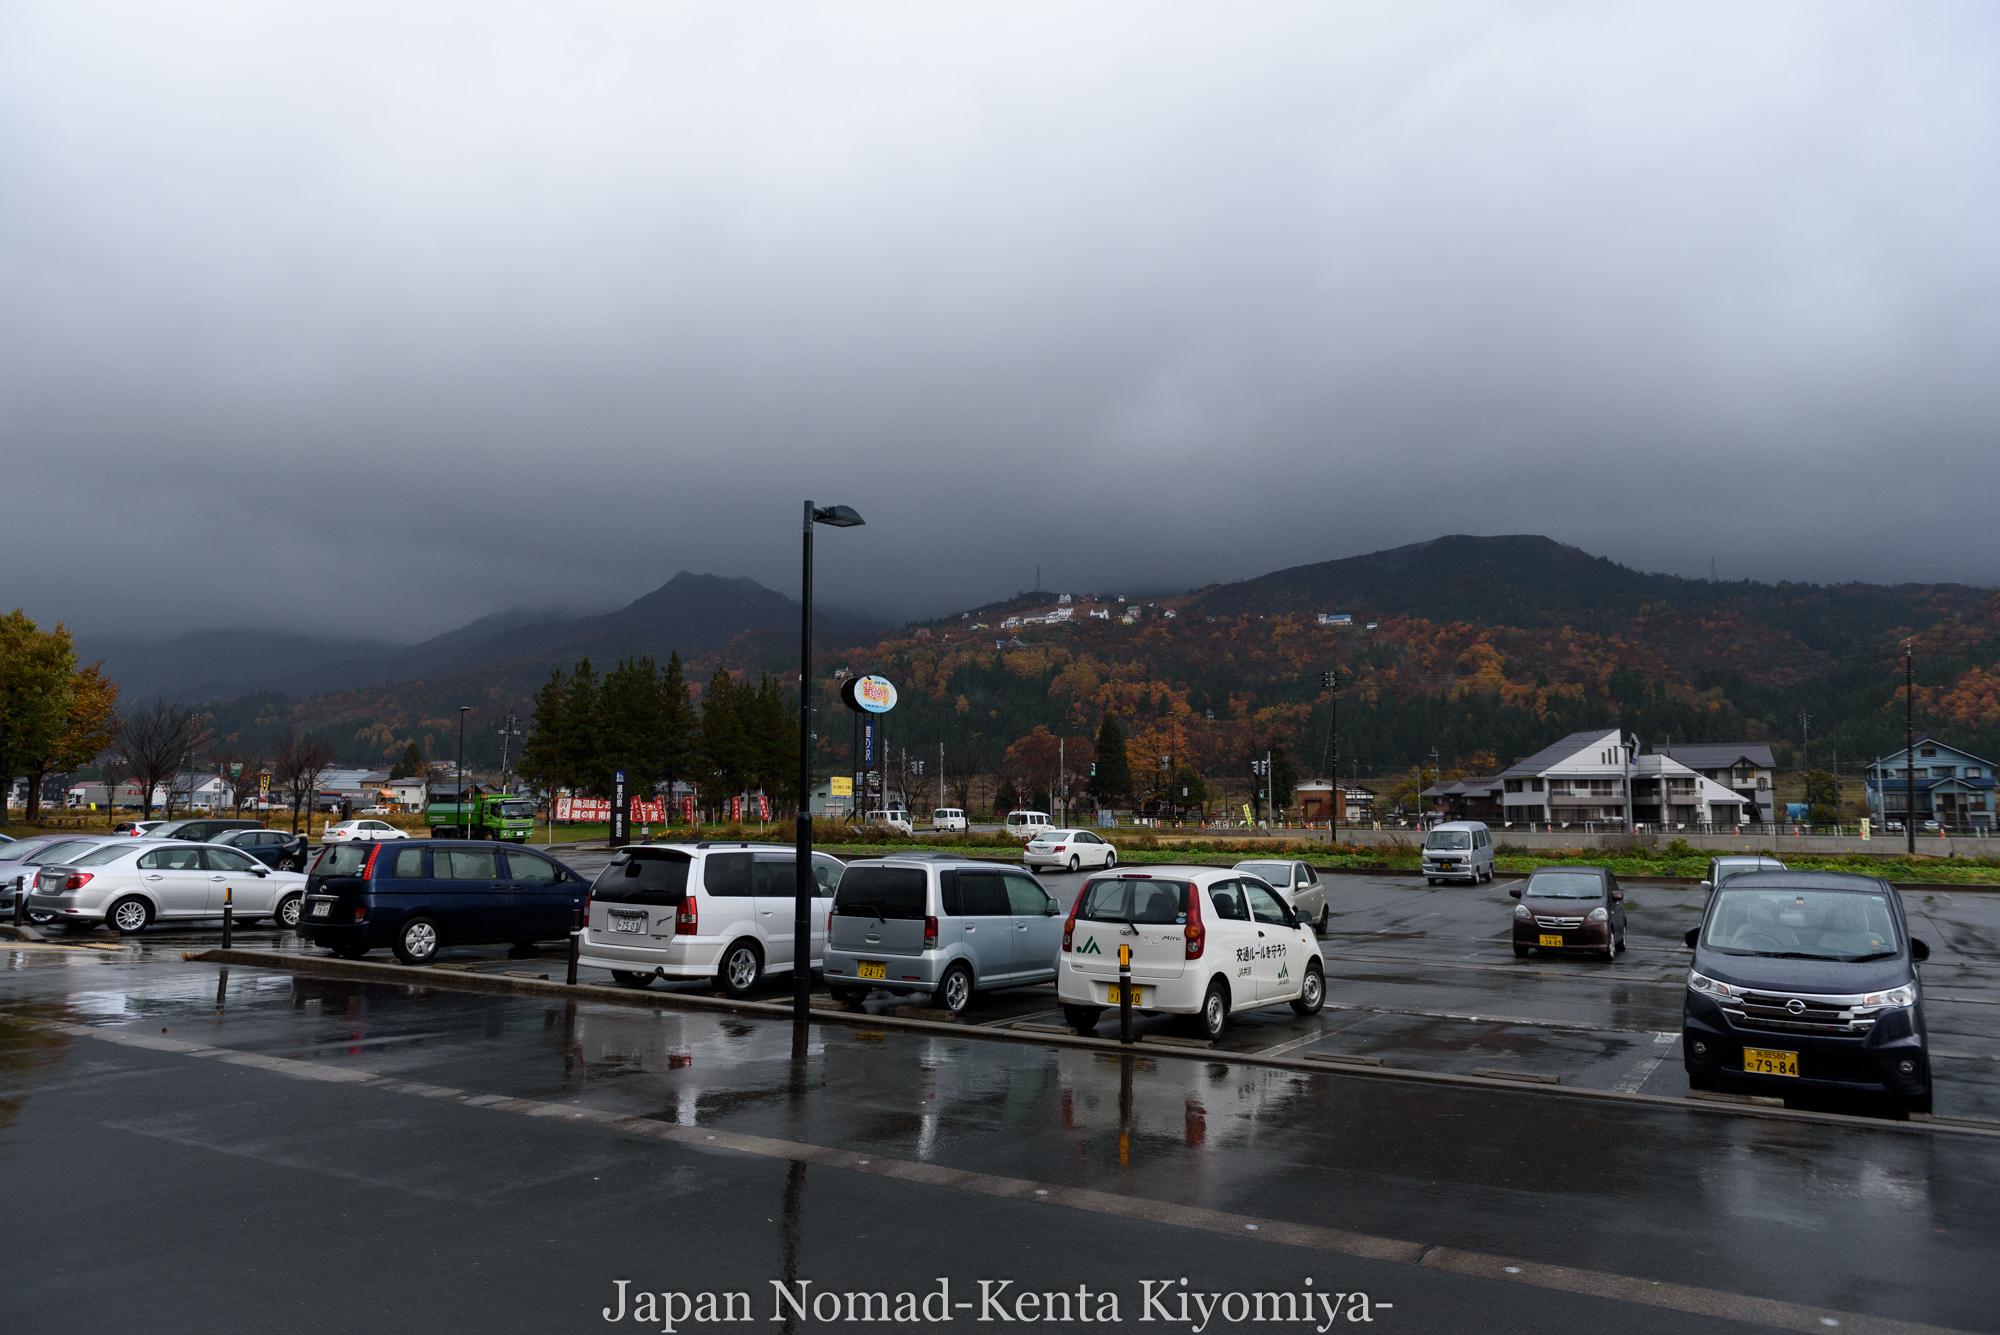 【旅138日目】雨にて南魚沼に停滞(今後の予定メモ)